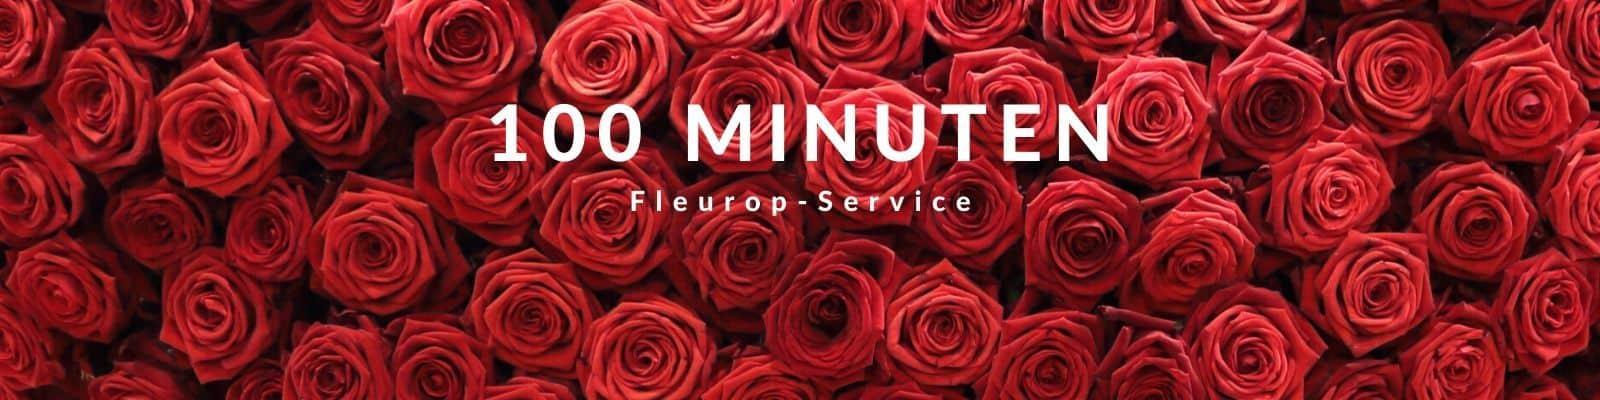 100 Minuten Fleurop - Service Die Blumen 24 Stunden Lieferung